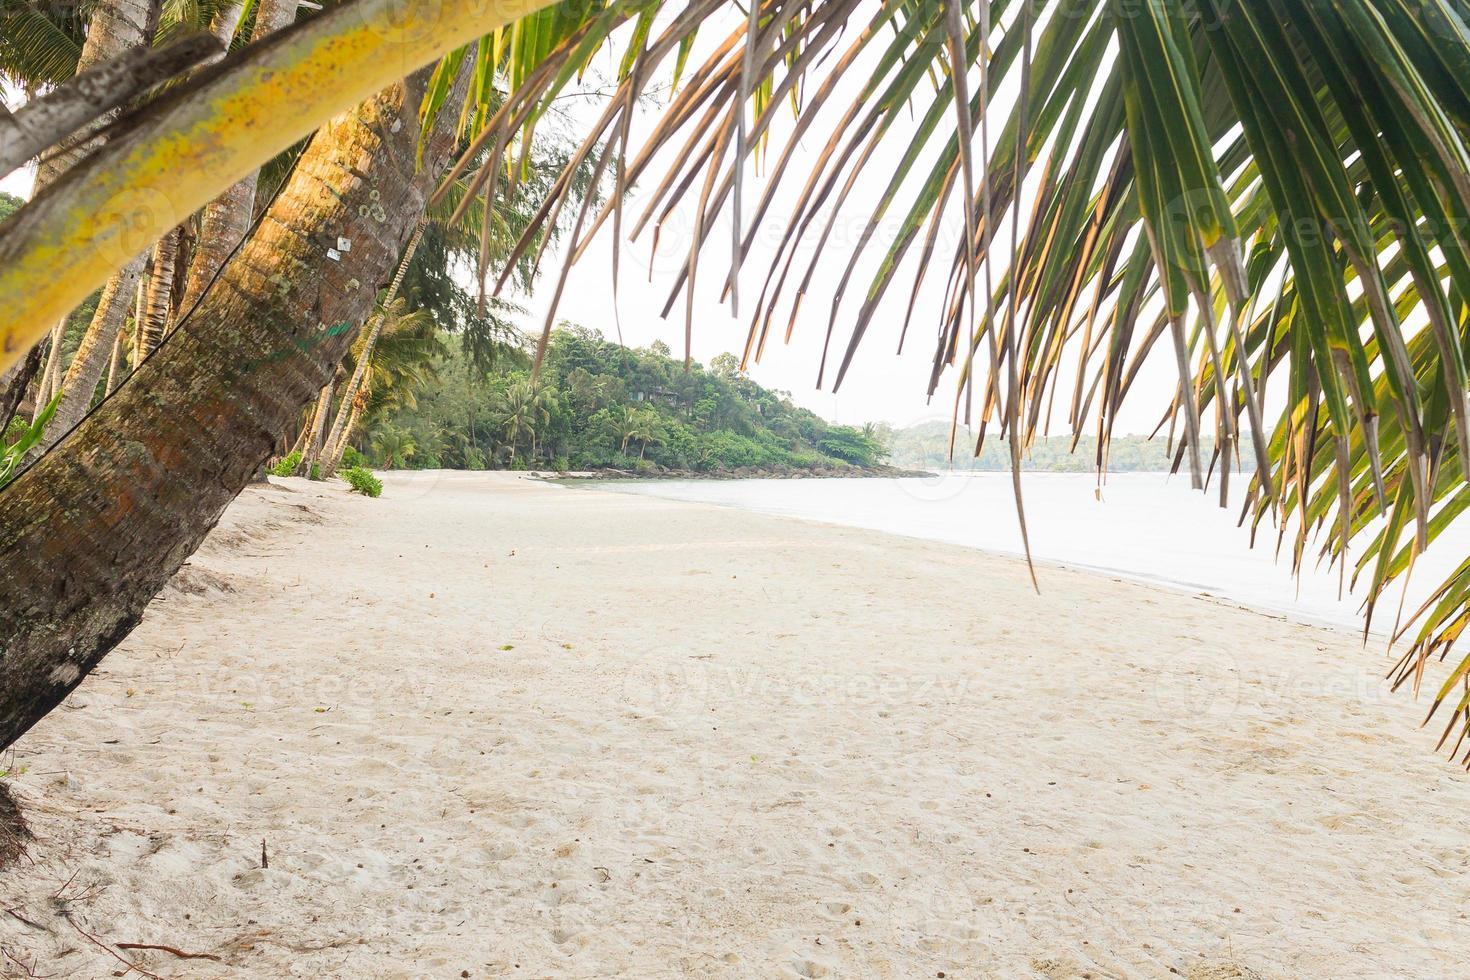 Playa de klong jao en koh kood (isla de kood), trat tailandia foto